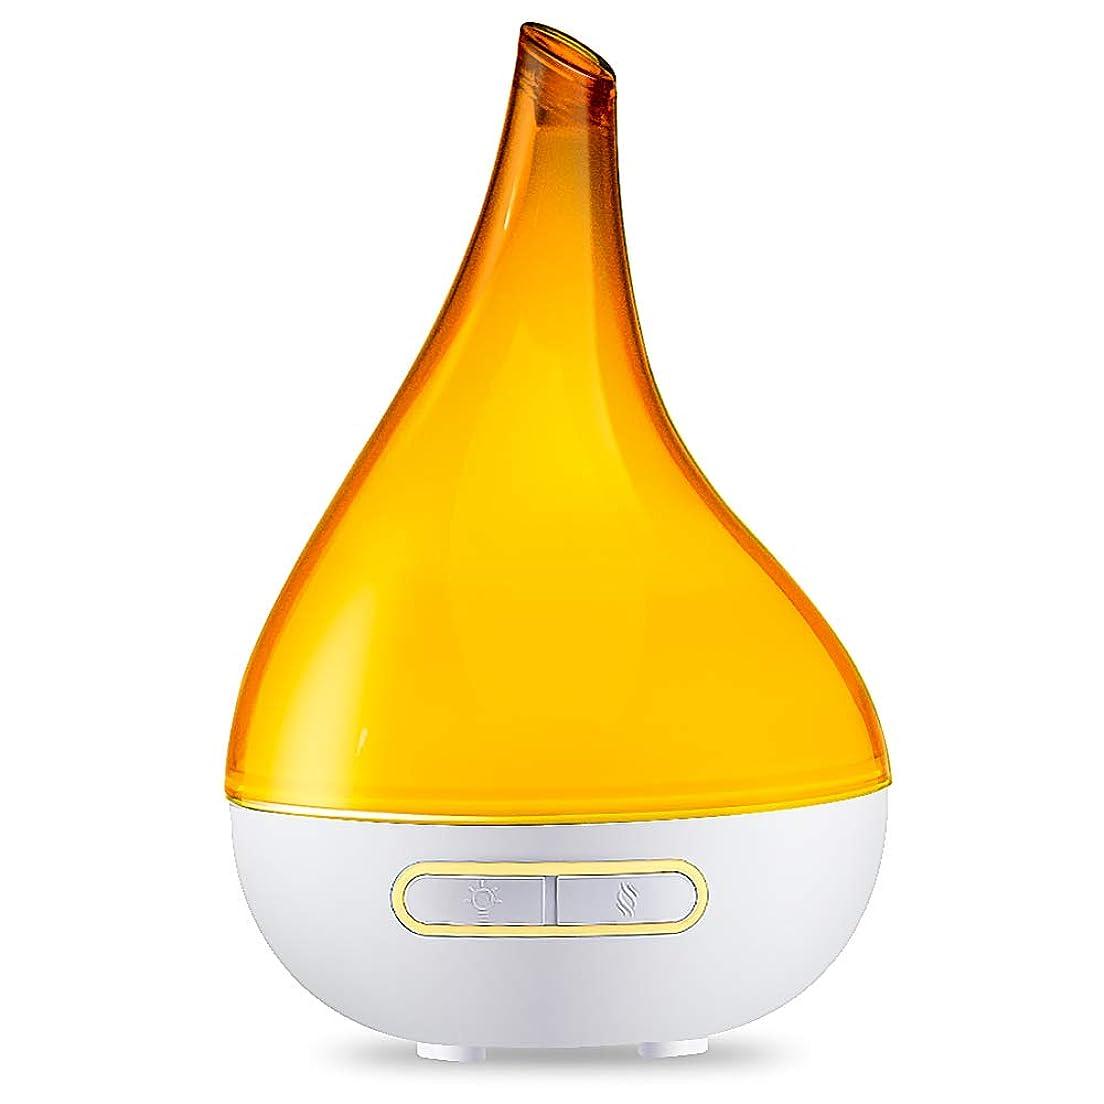 苦い過度に広がり超音波 エッセンシャル オイル ディフューザー 電気 涼しい霧の加湿器 調節可能なミスト付け アロマディフューザー 夜間照明付き 赤ちゃんの家-オレンジ 15x23.7cm